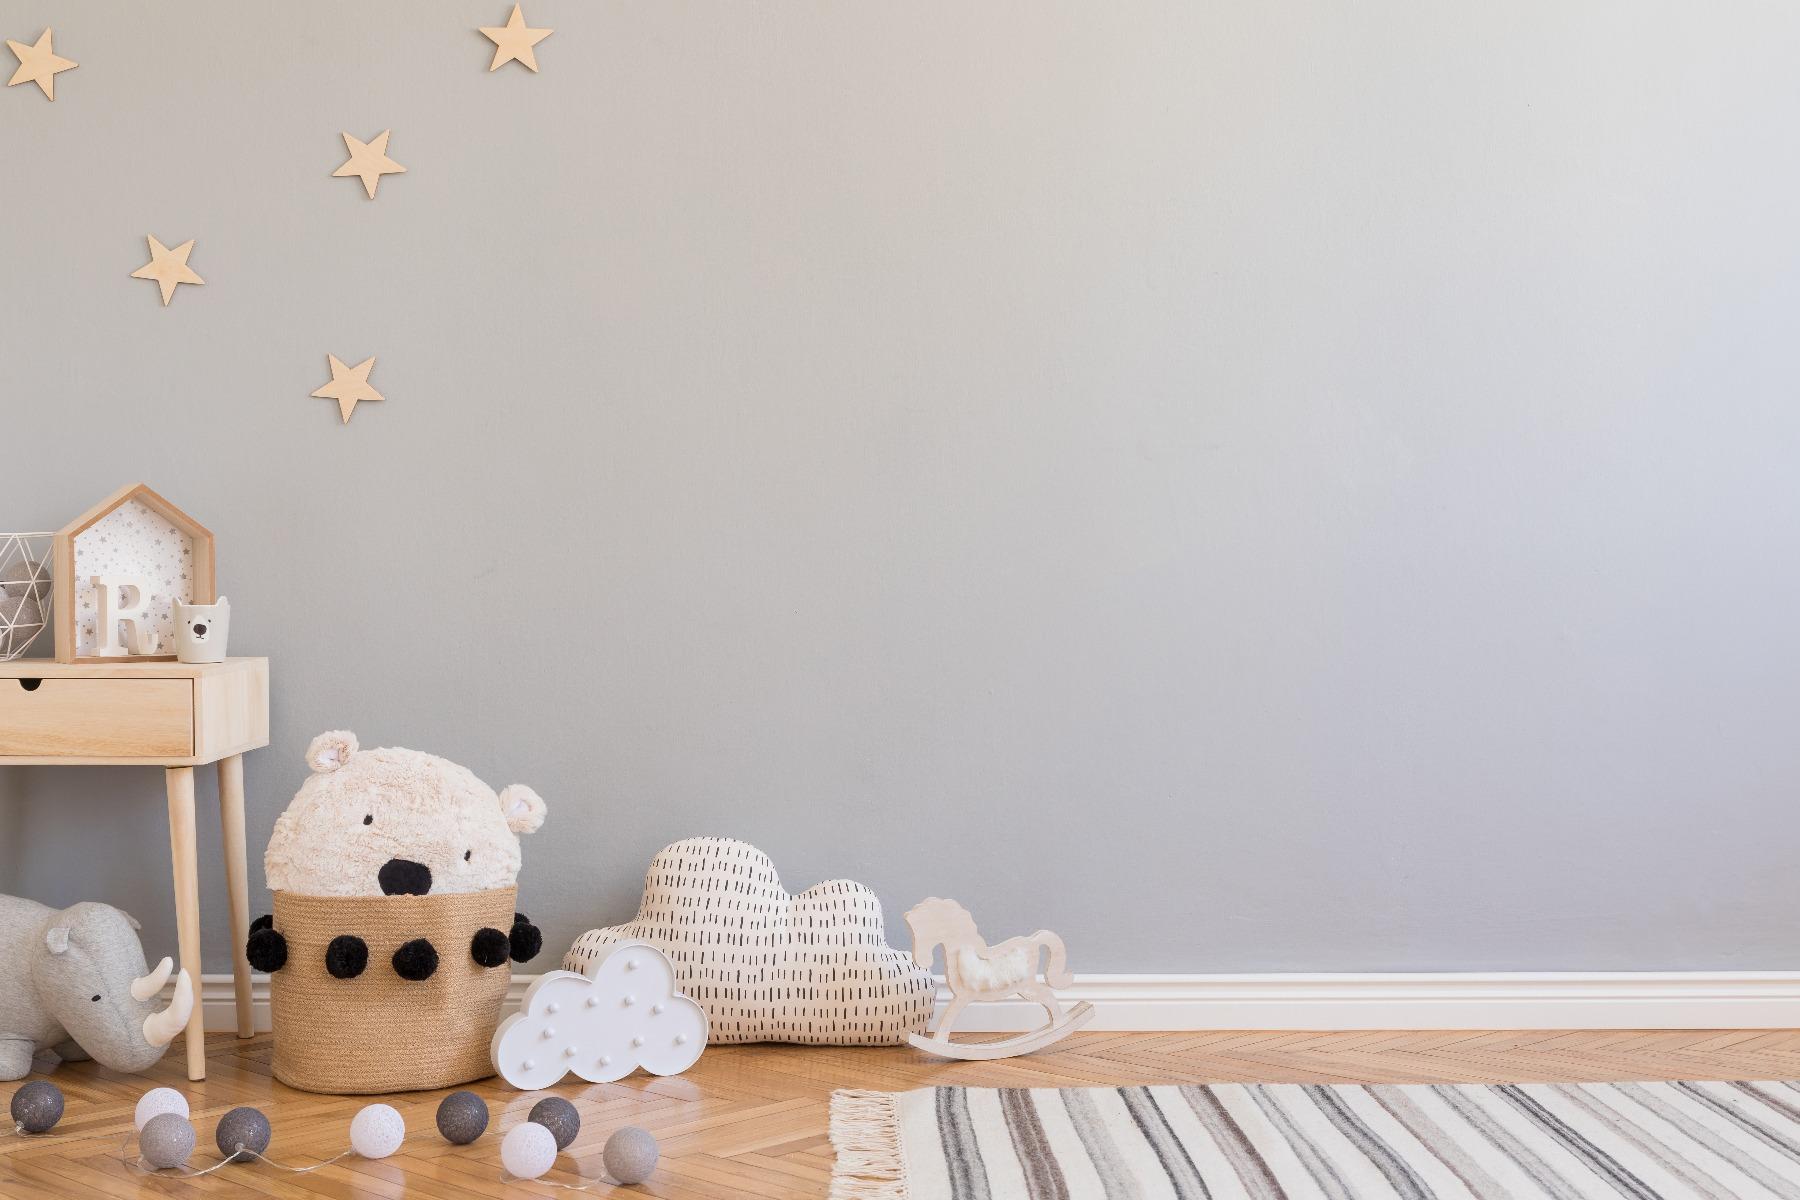 Das Bild zeigt einen Platz zum Spielen im Kinderzimmer.